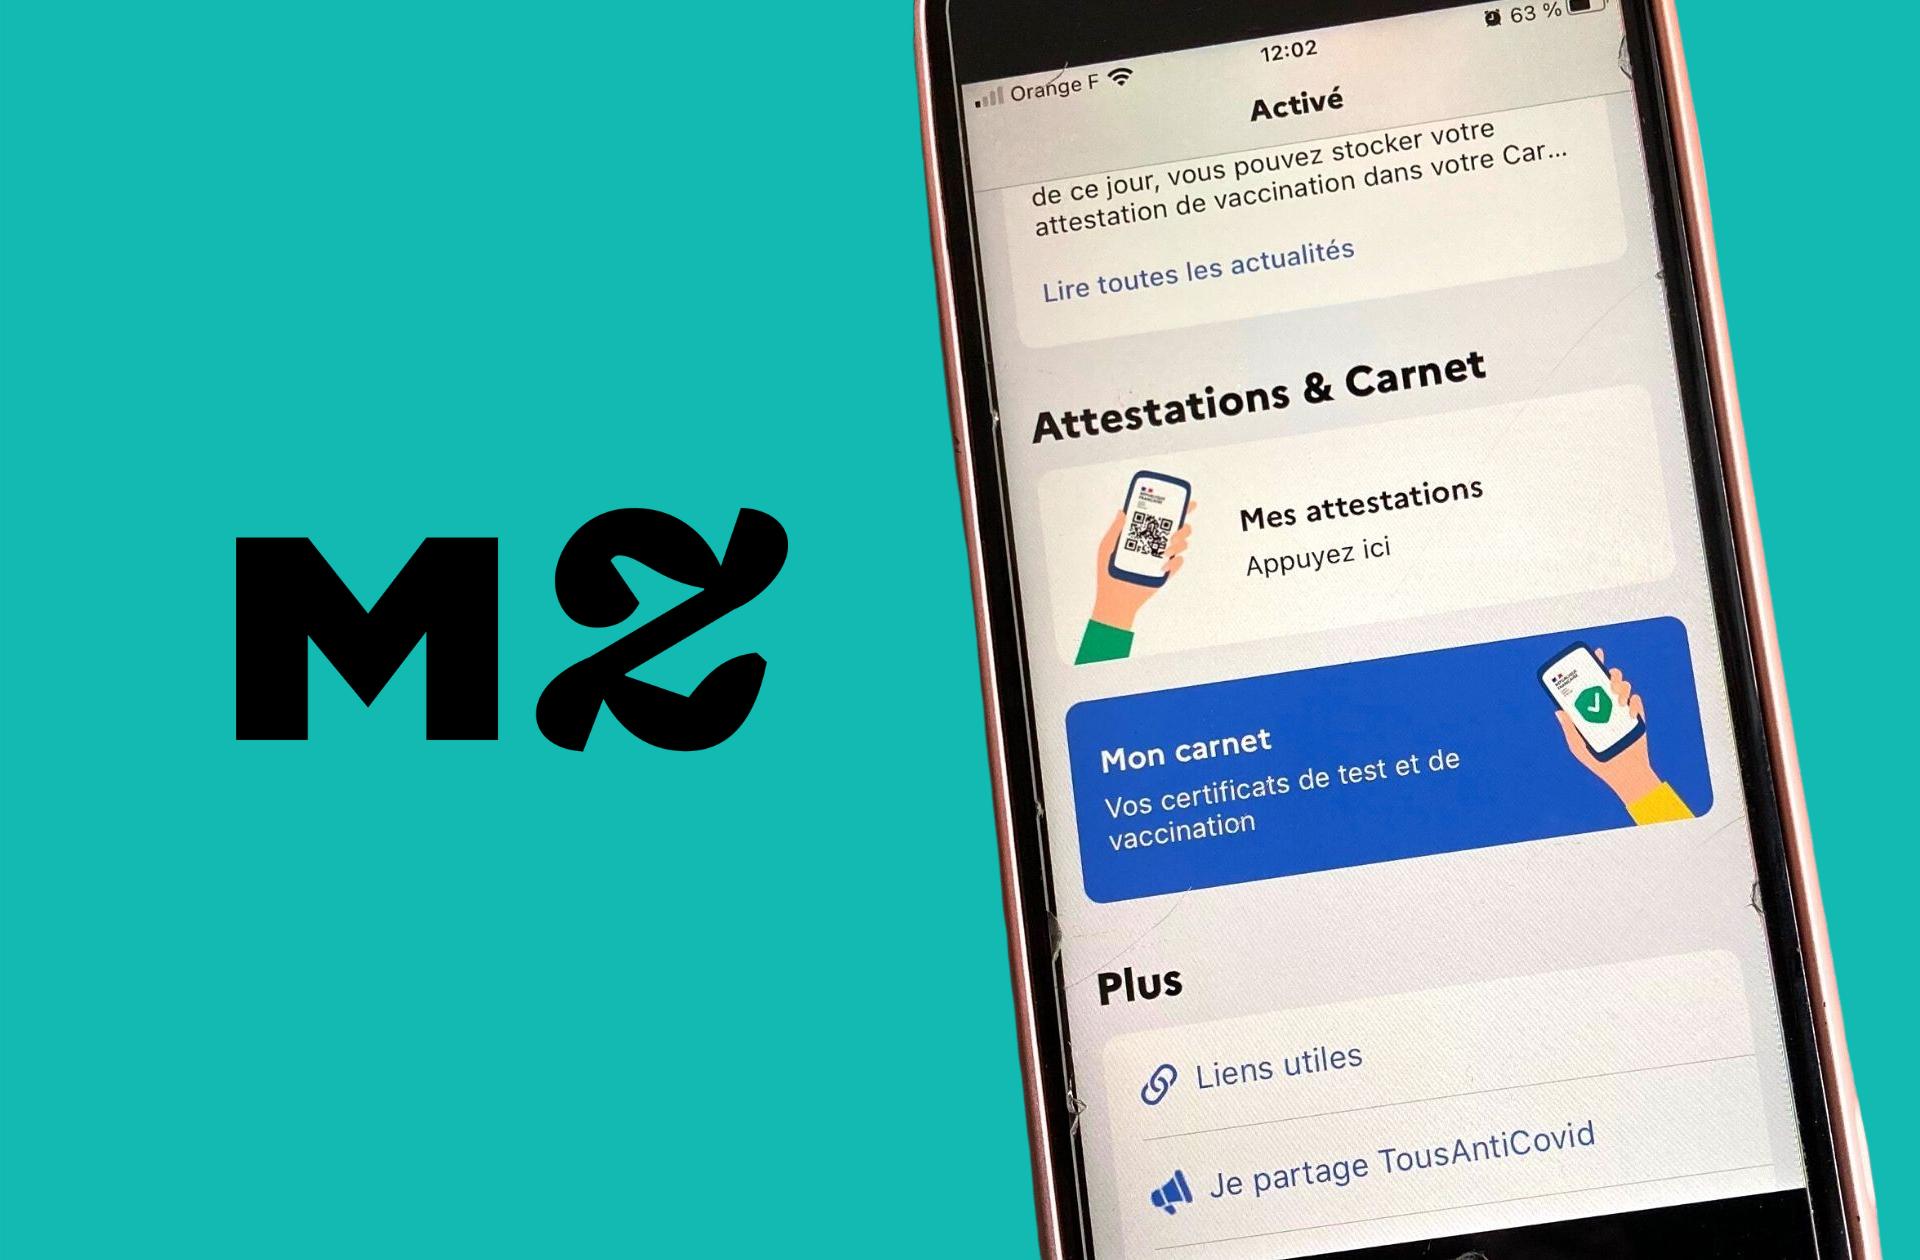 Bientôt un pass sanitaire sur votre smartphone avec l'appli TousAntiCovid ?